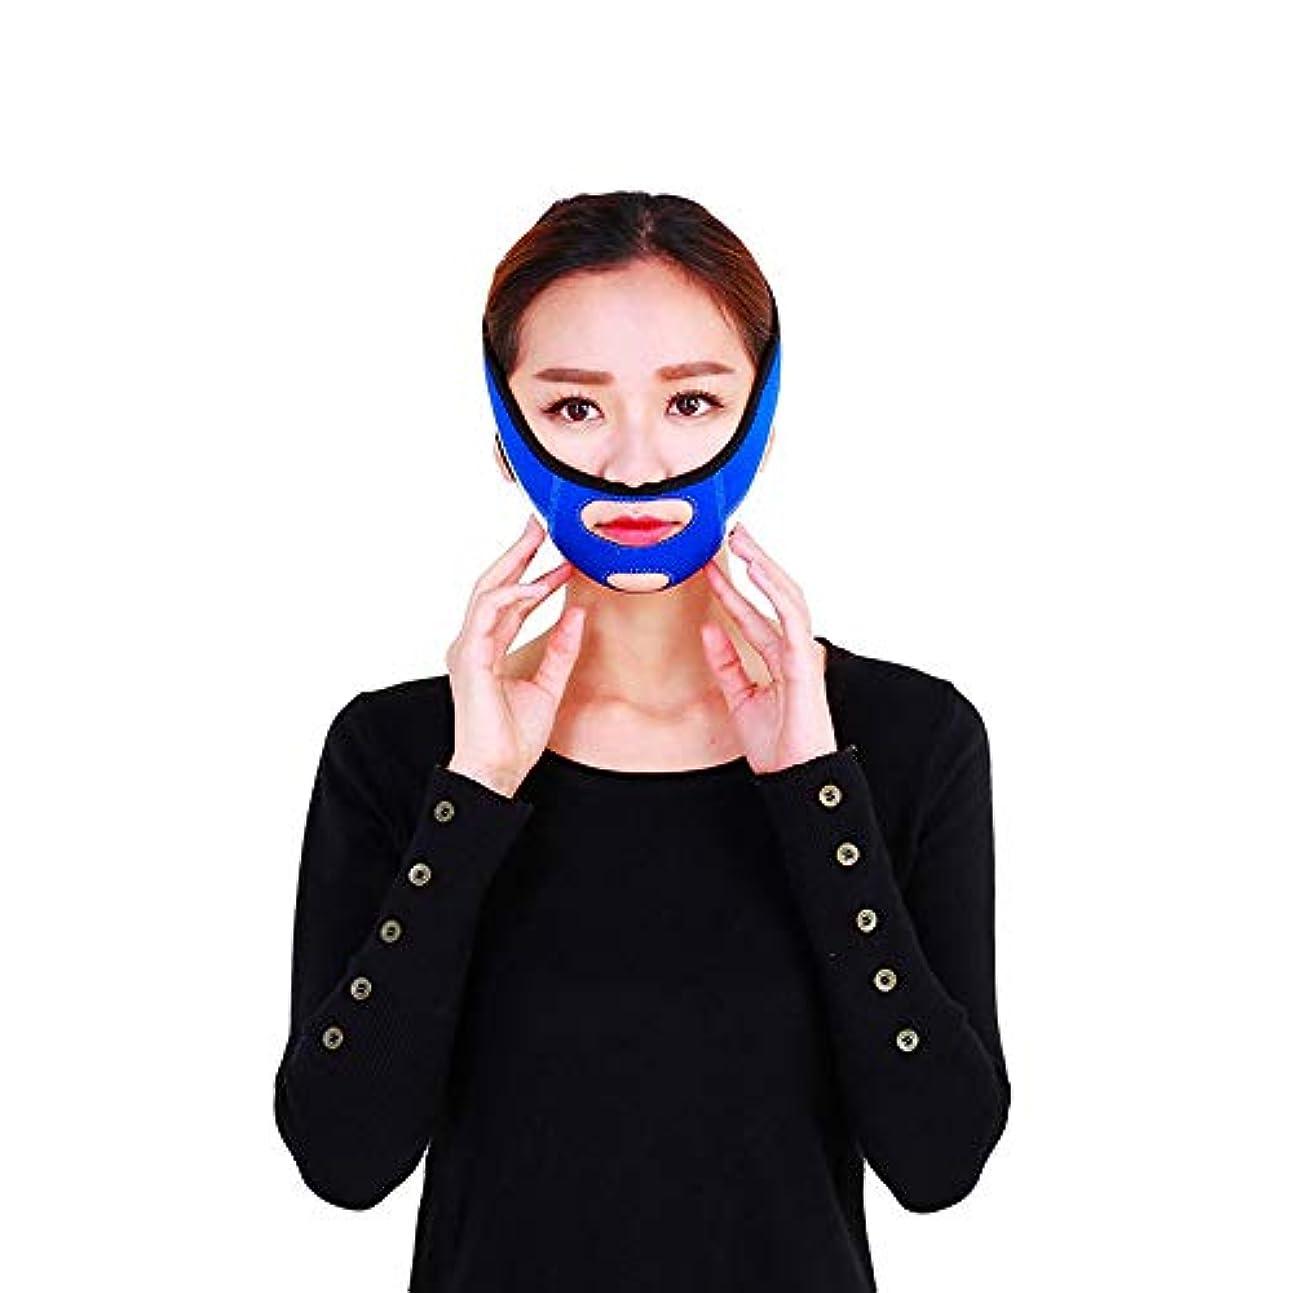 蒸し器完璧体系的にBS フェイシャルリフティング痩身ベルトフェーススリム二重あごを取り除くアンチエイジングリンクルフェイス包帯マスク整形マスクが顔を引き締める フェイスリフティングアーティファクト